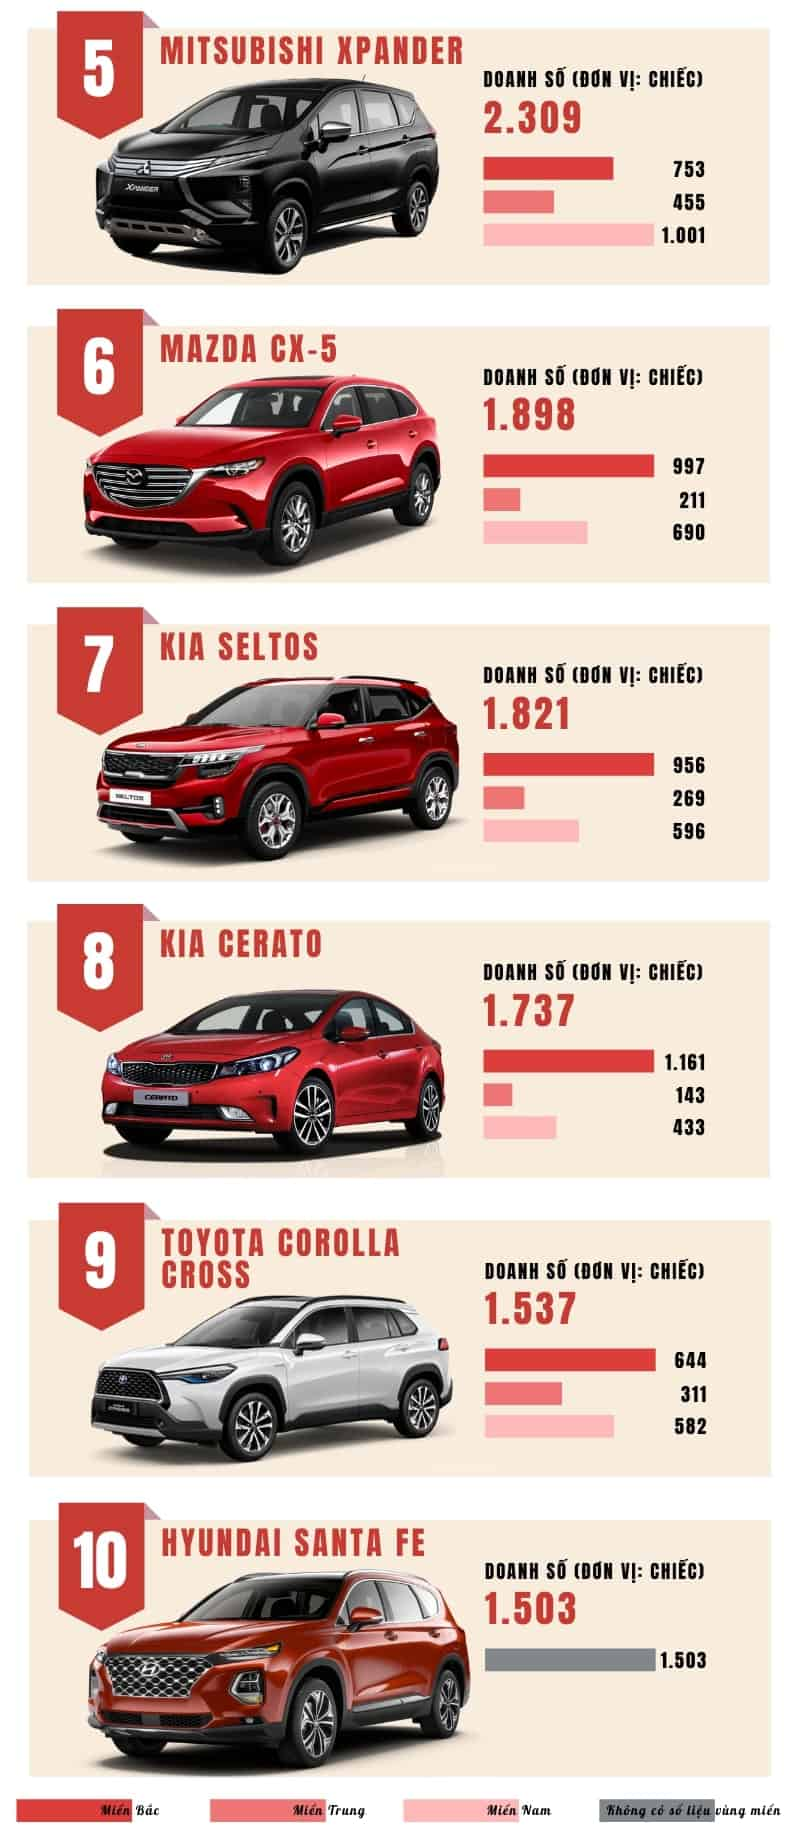 Bảng TOP 10 xe ô tô bán chạy nhất tháng 11